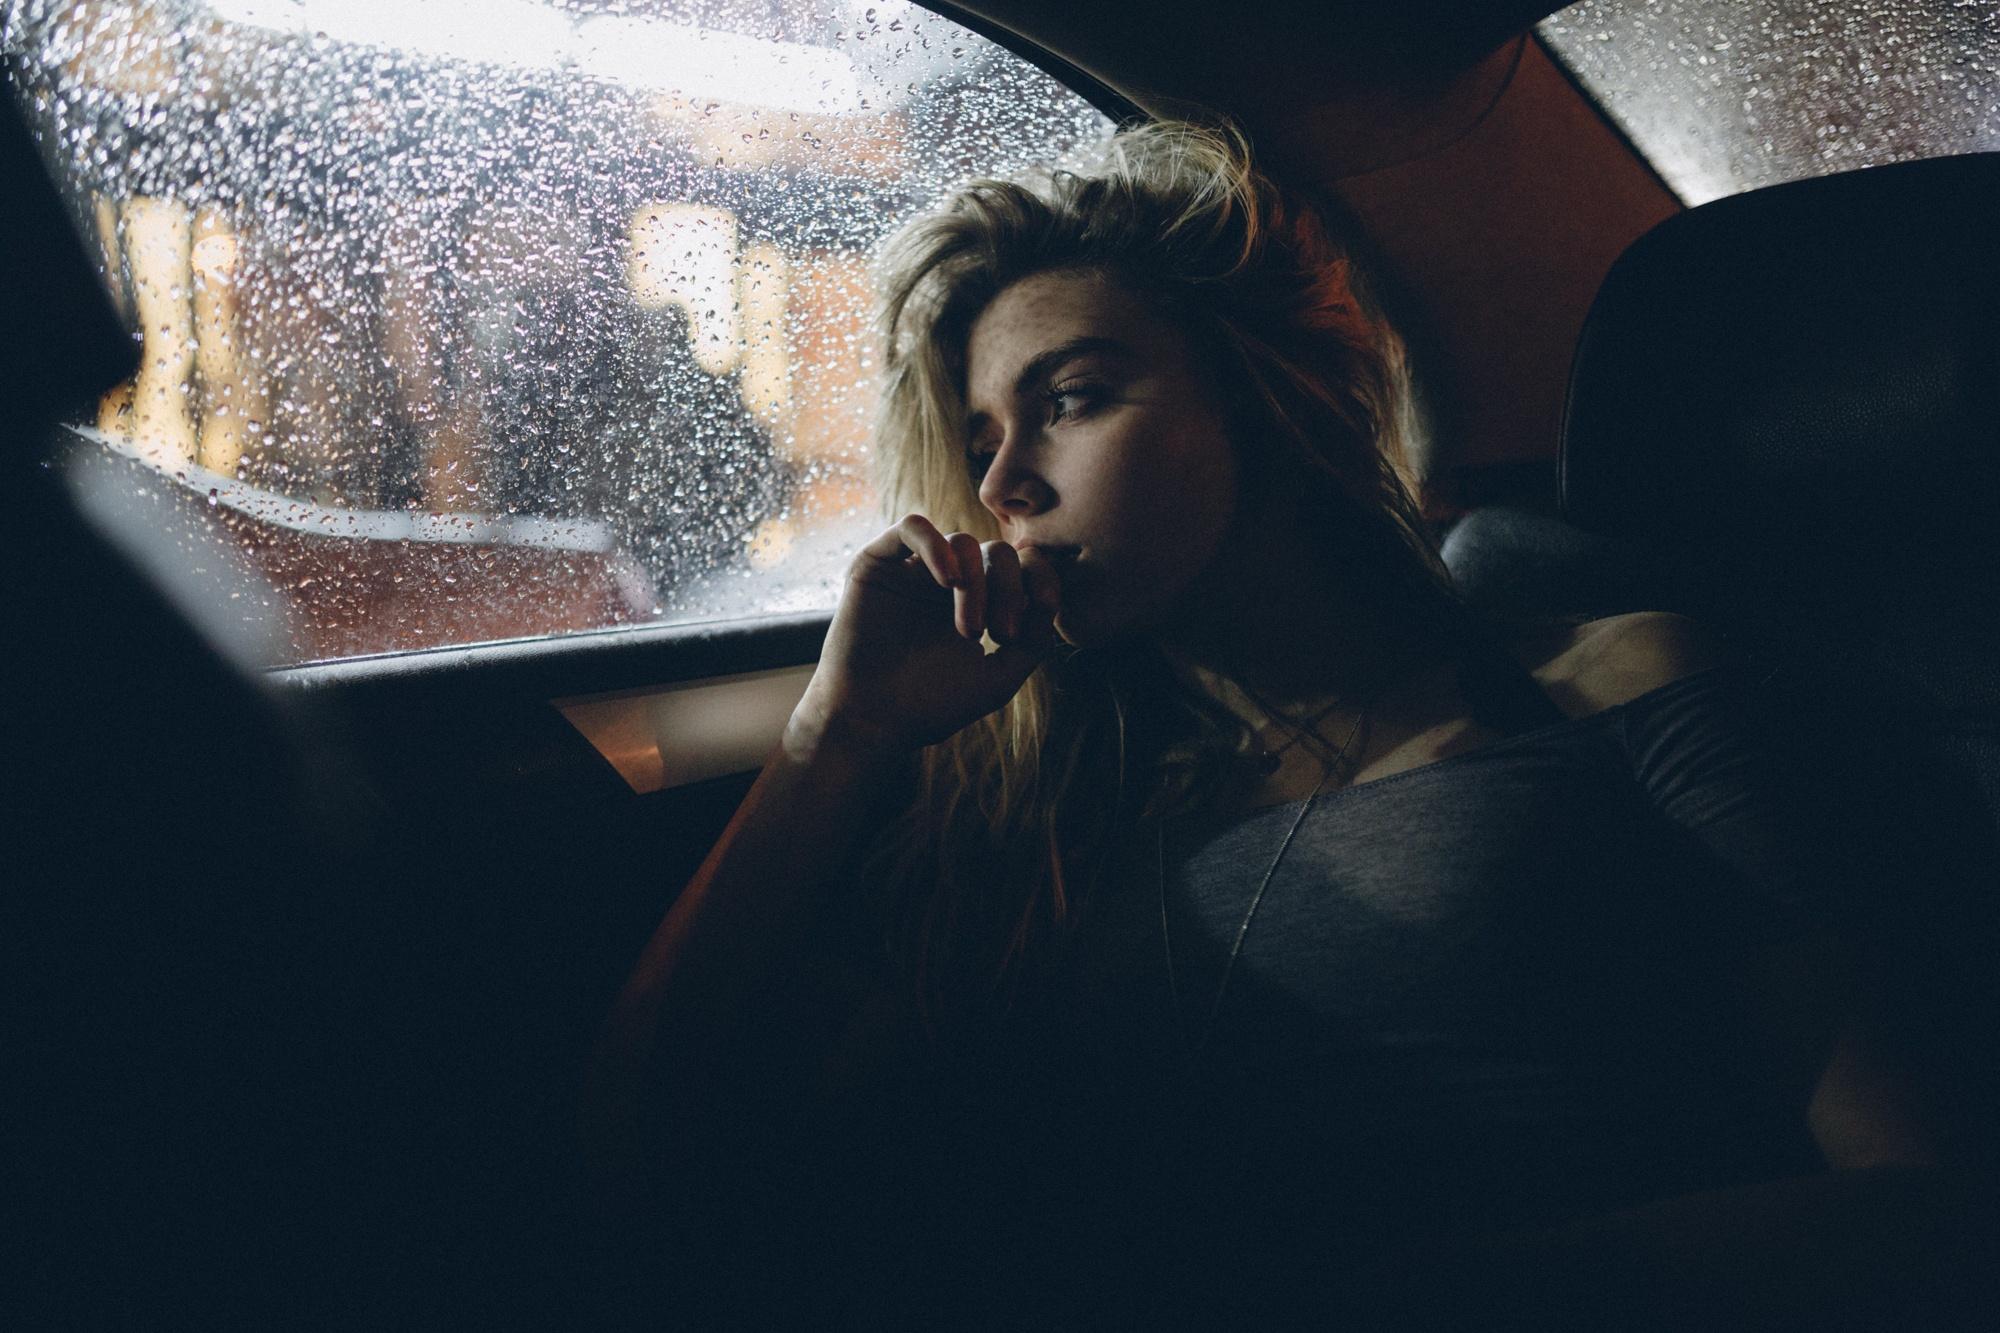 Девушка из окна автомобиля  № 3635831 бесплатно